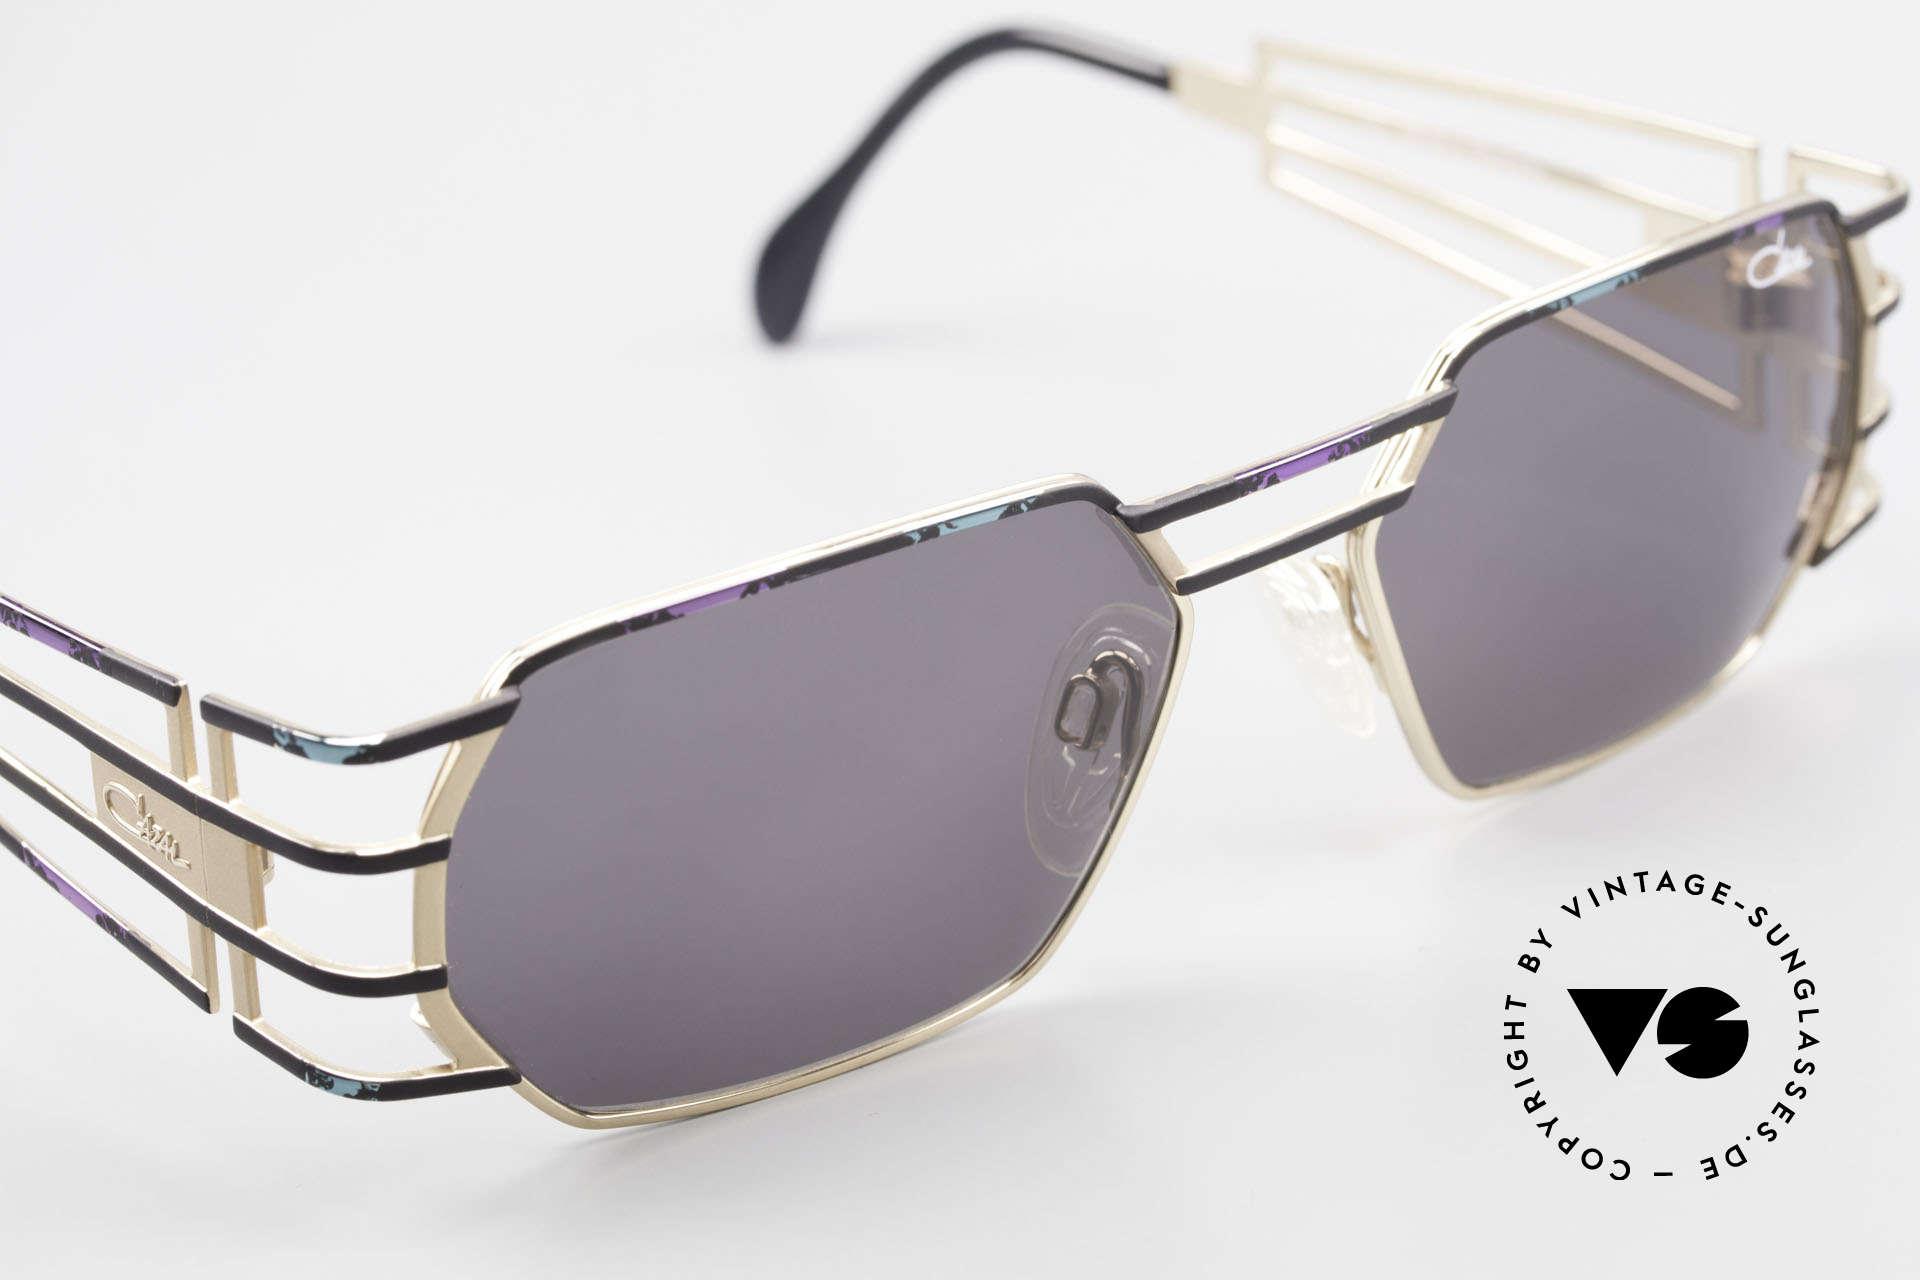 Cazal 980 Markante Vintage Sonnenbrille, mit original Cazal Sonnengläsern (100% UV Schutz), Passend für Herren und Damen